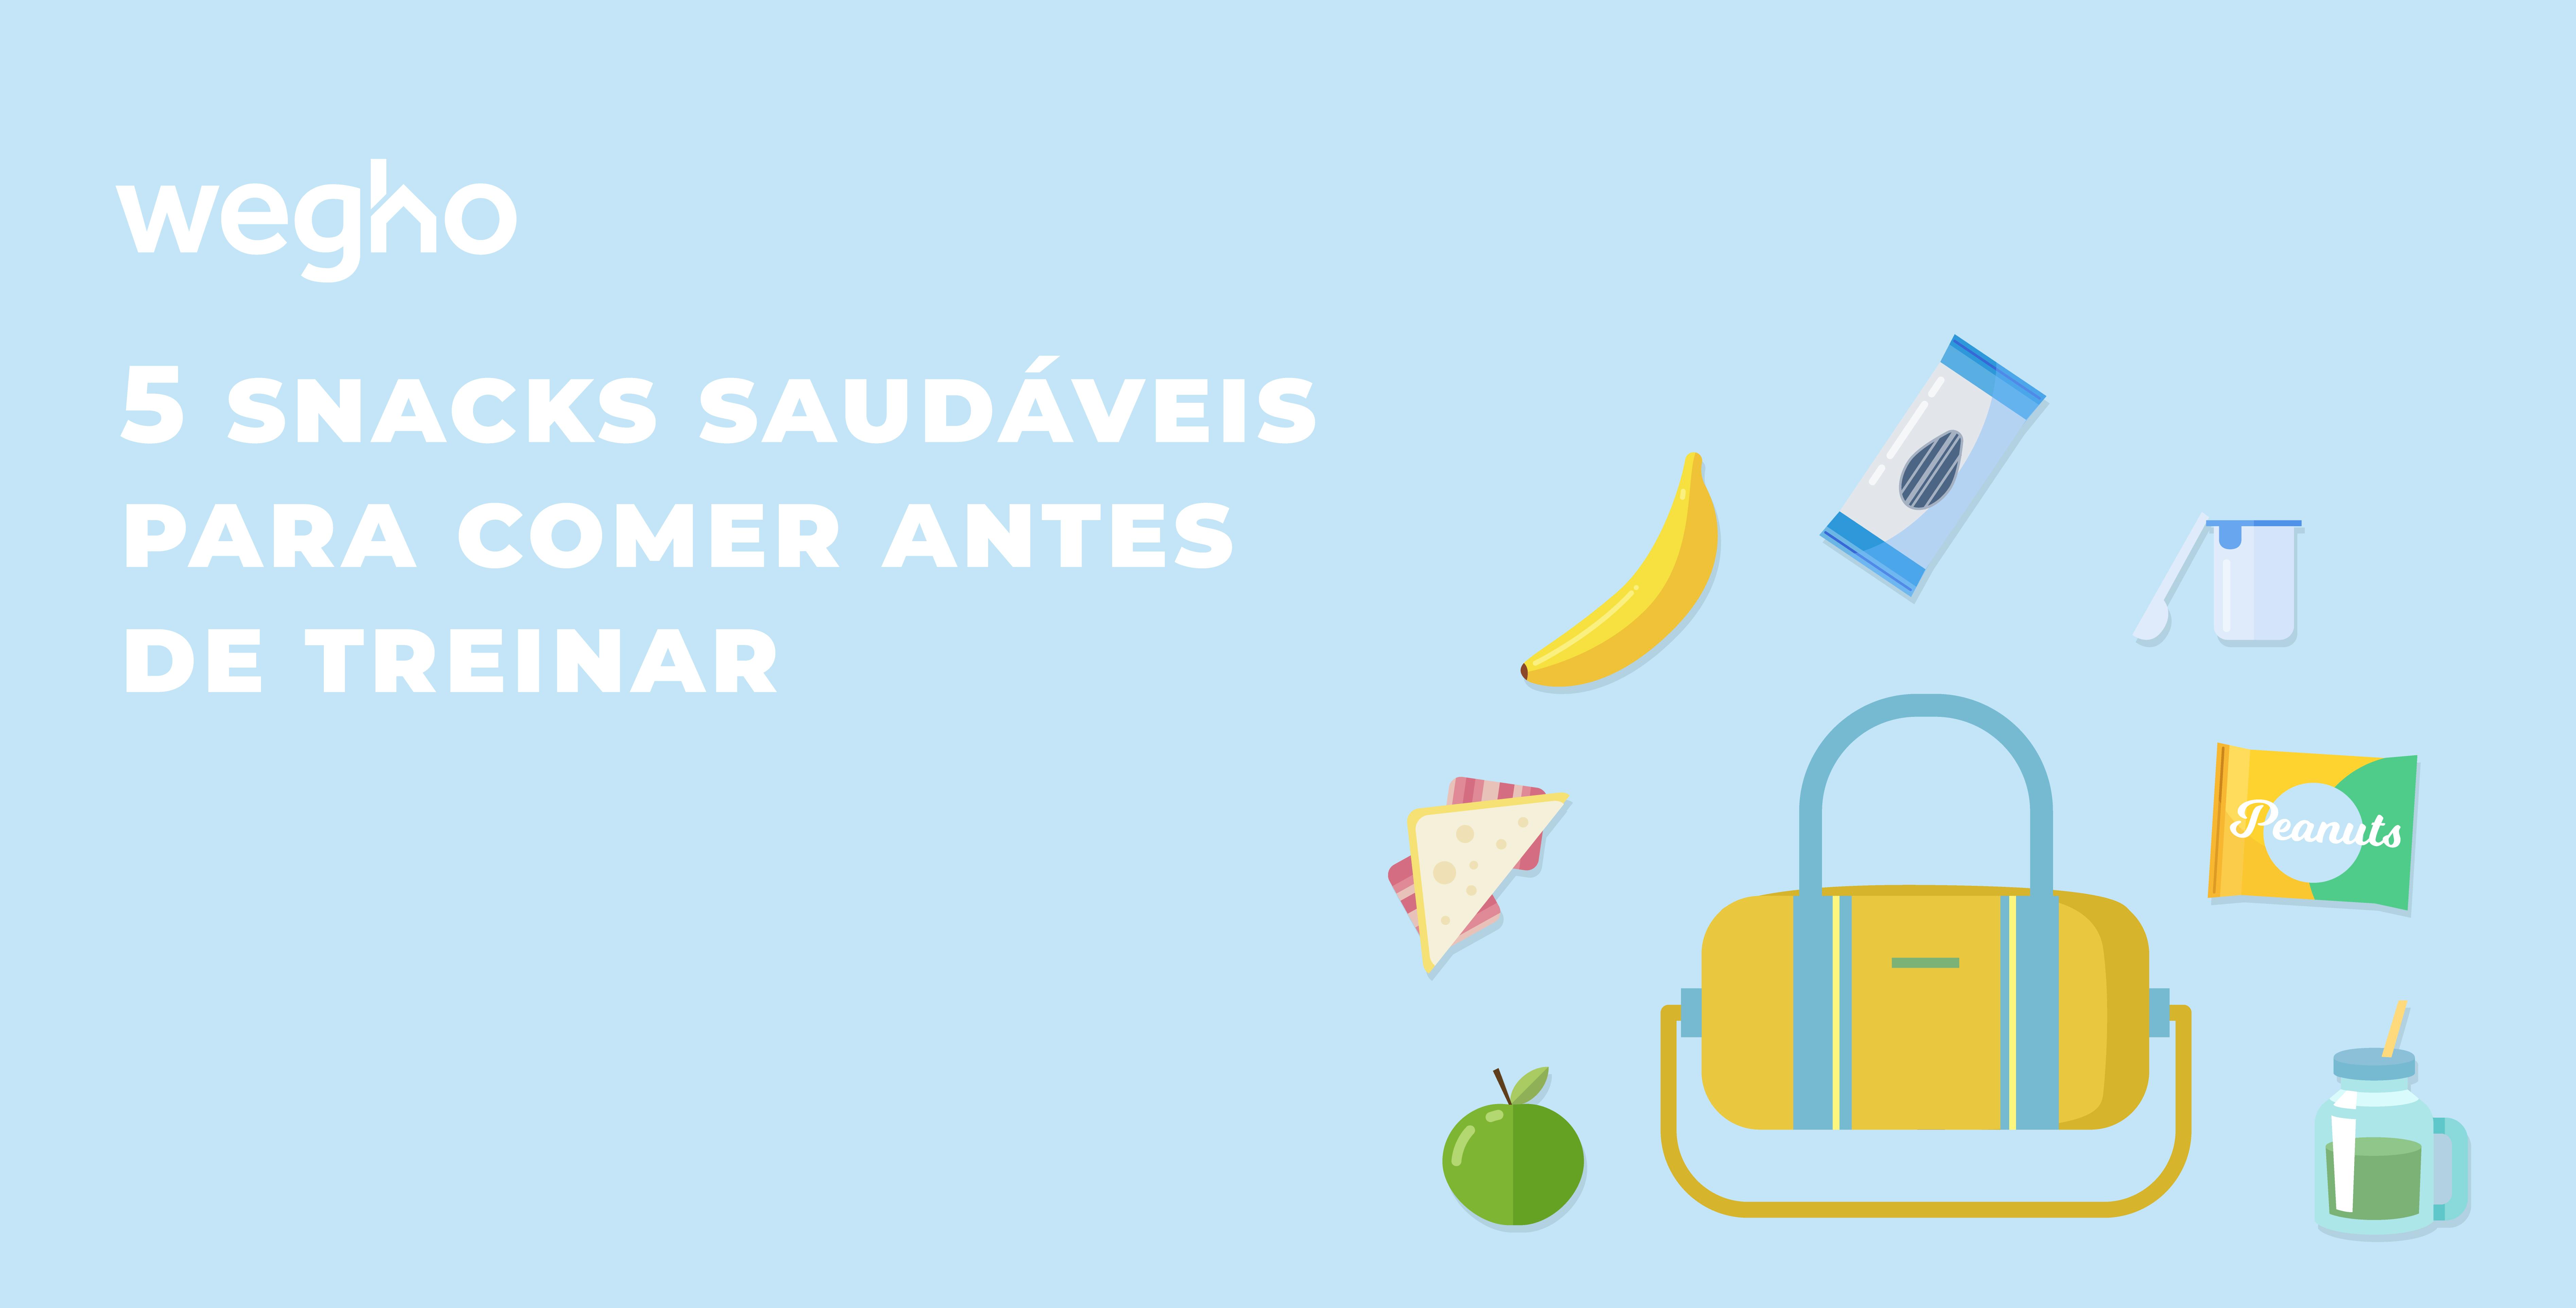 5 snacks saudáveis para comer antes dos treinos - lanches para comer antes de treinar - o que comer antes dos treinos - personal trainer - refeições pré treino - Wegho